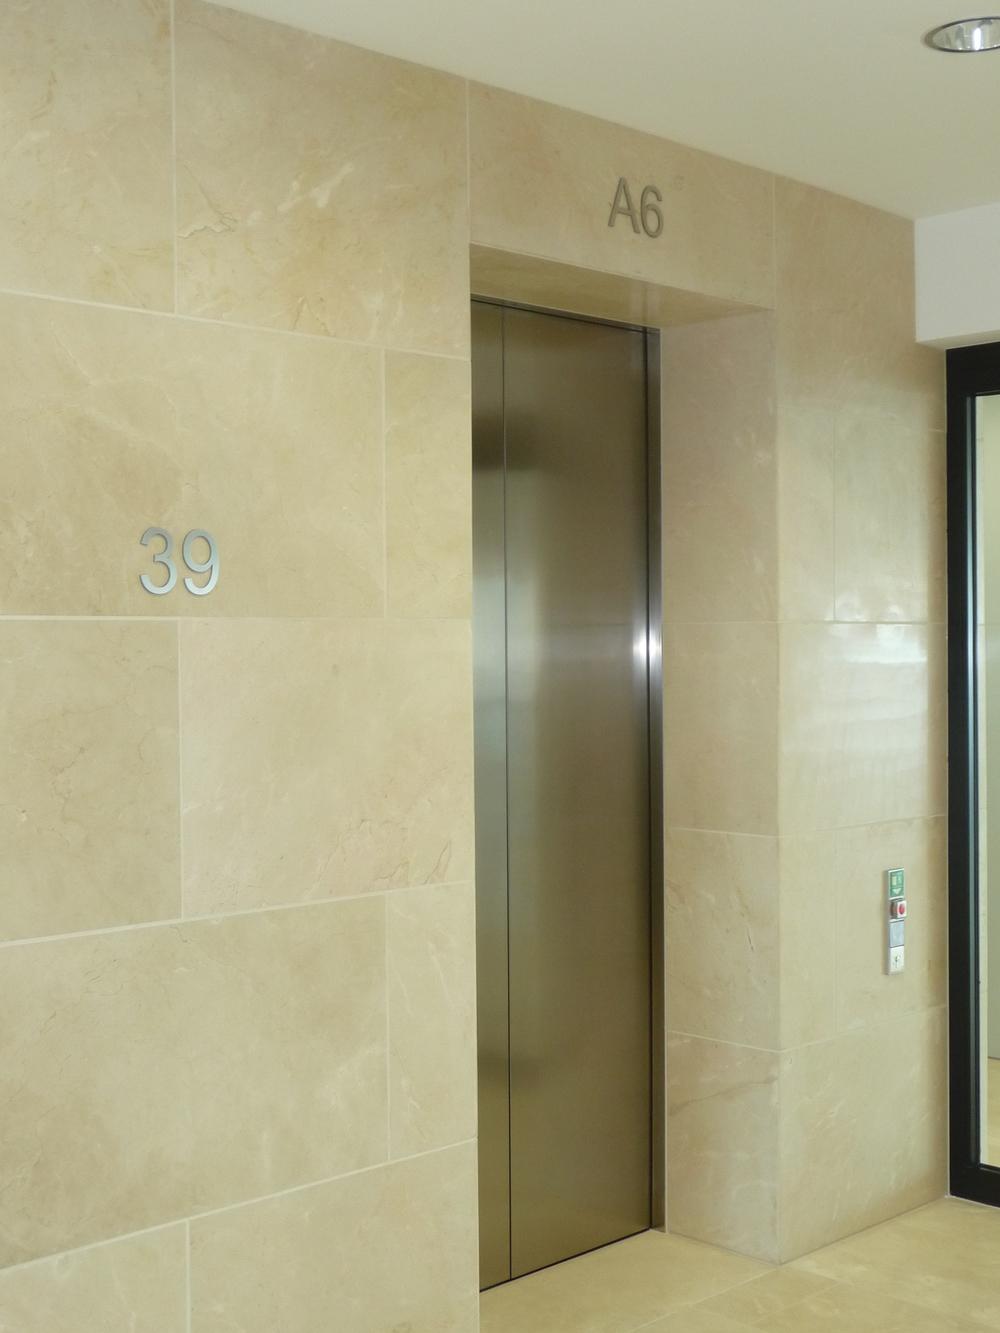 EtagenZiffern UBS Aufzugvorraum.JPG